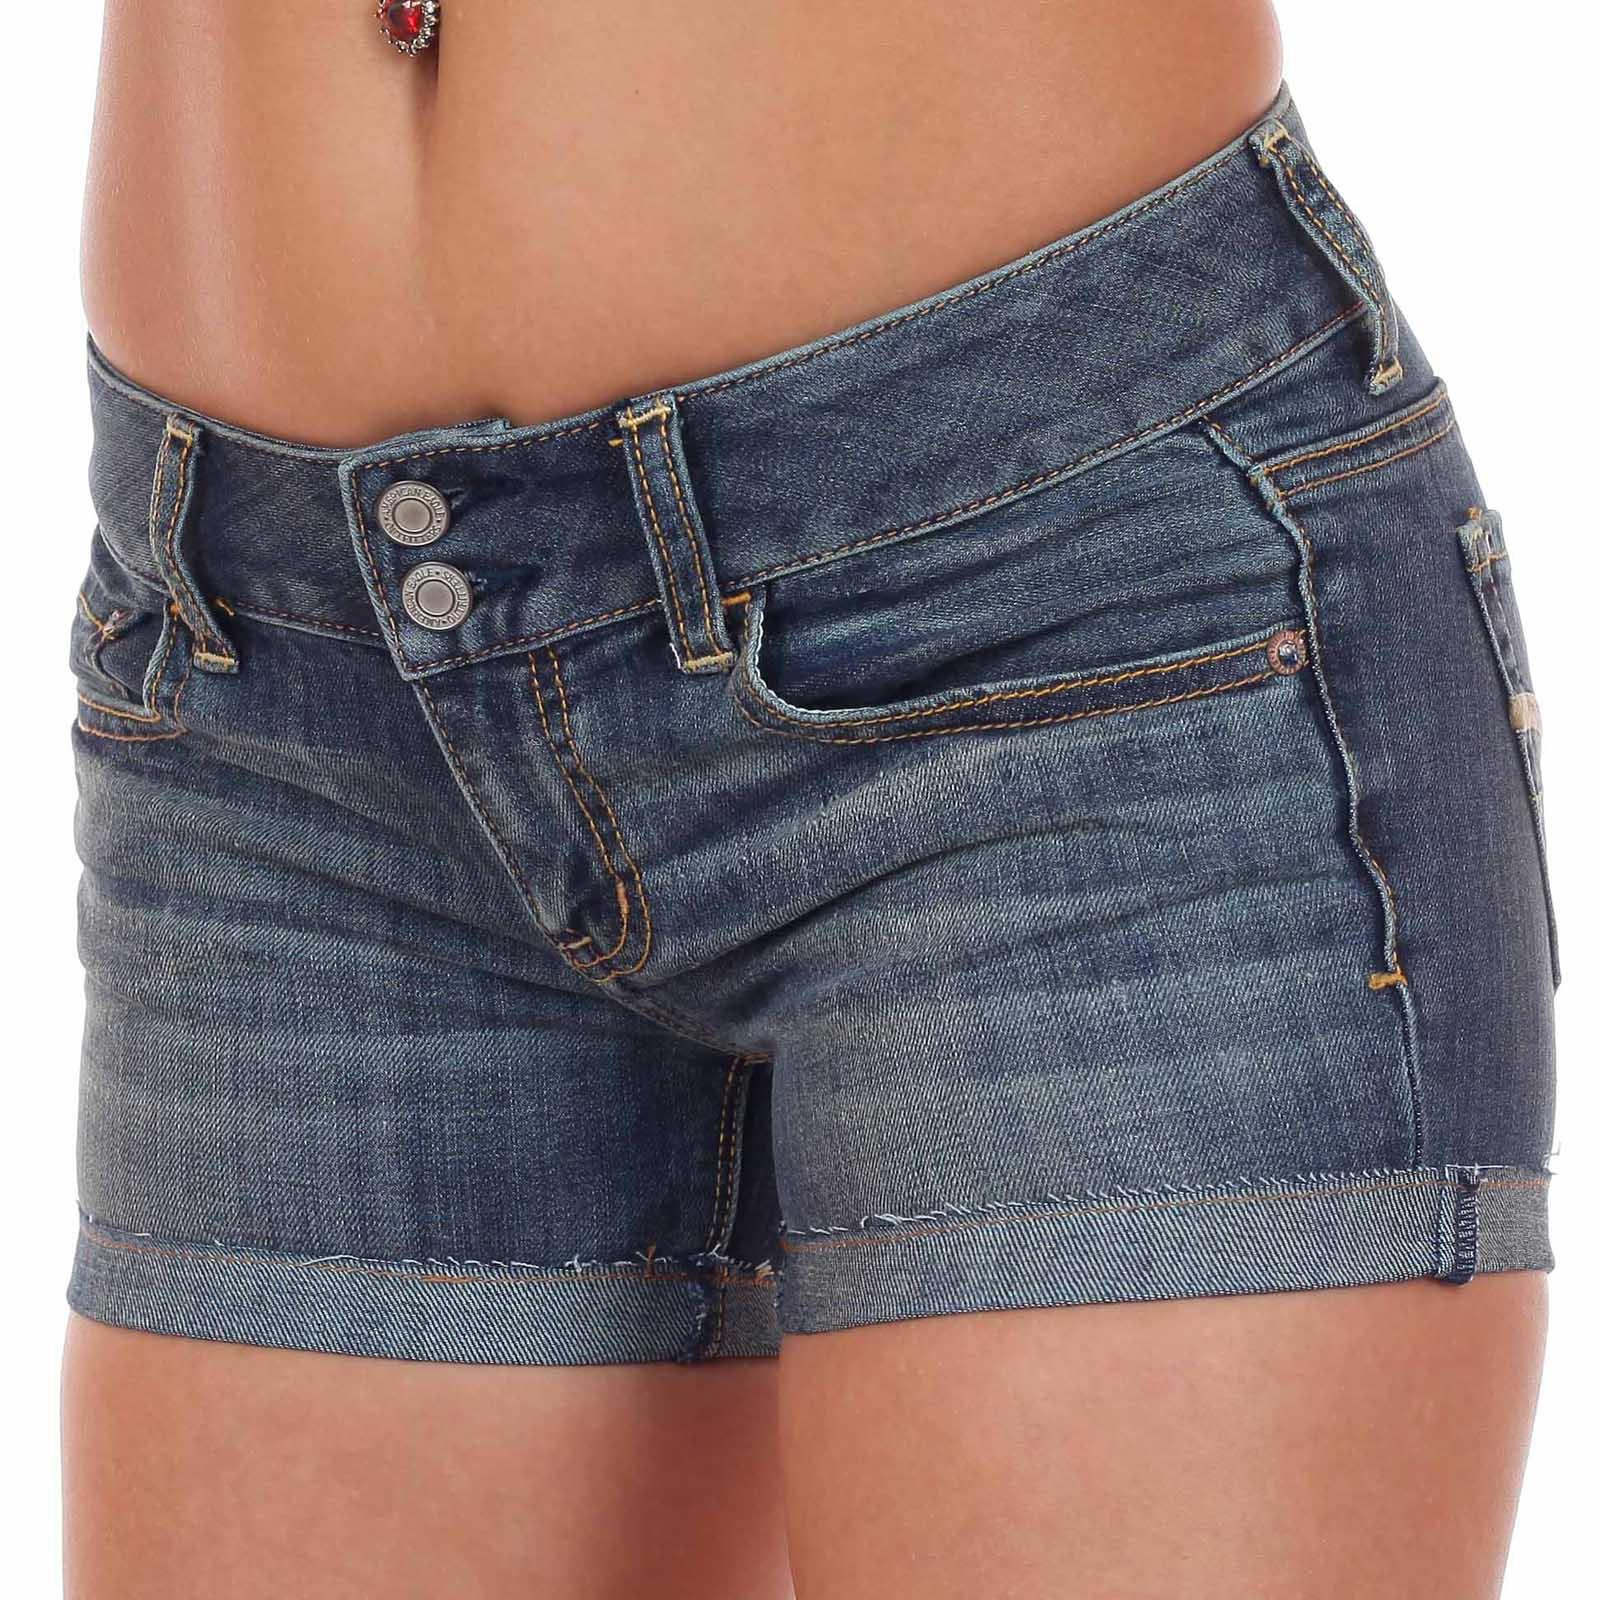 Сколько стоят джинсовые шорты? У нас цена всего 699 рублей!